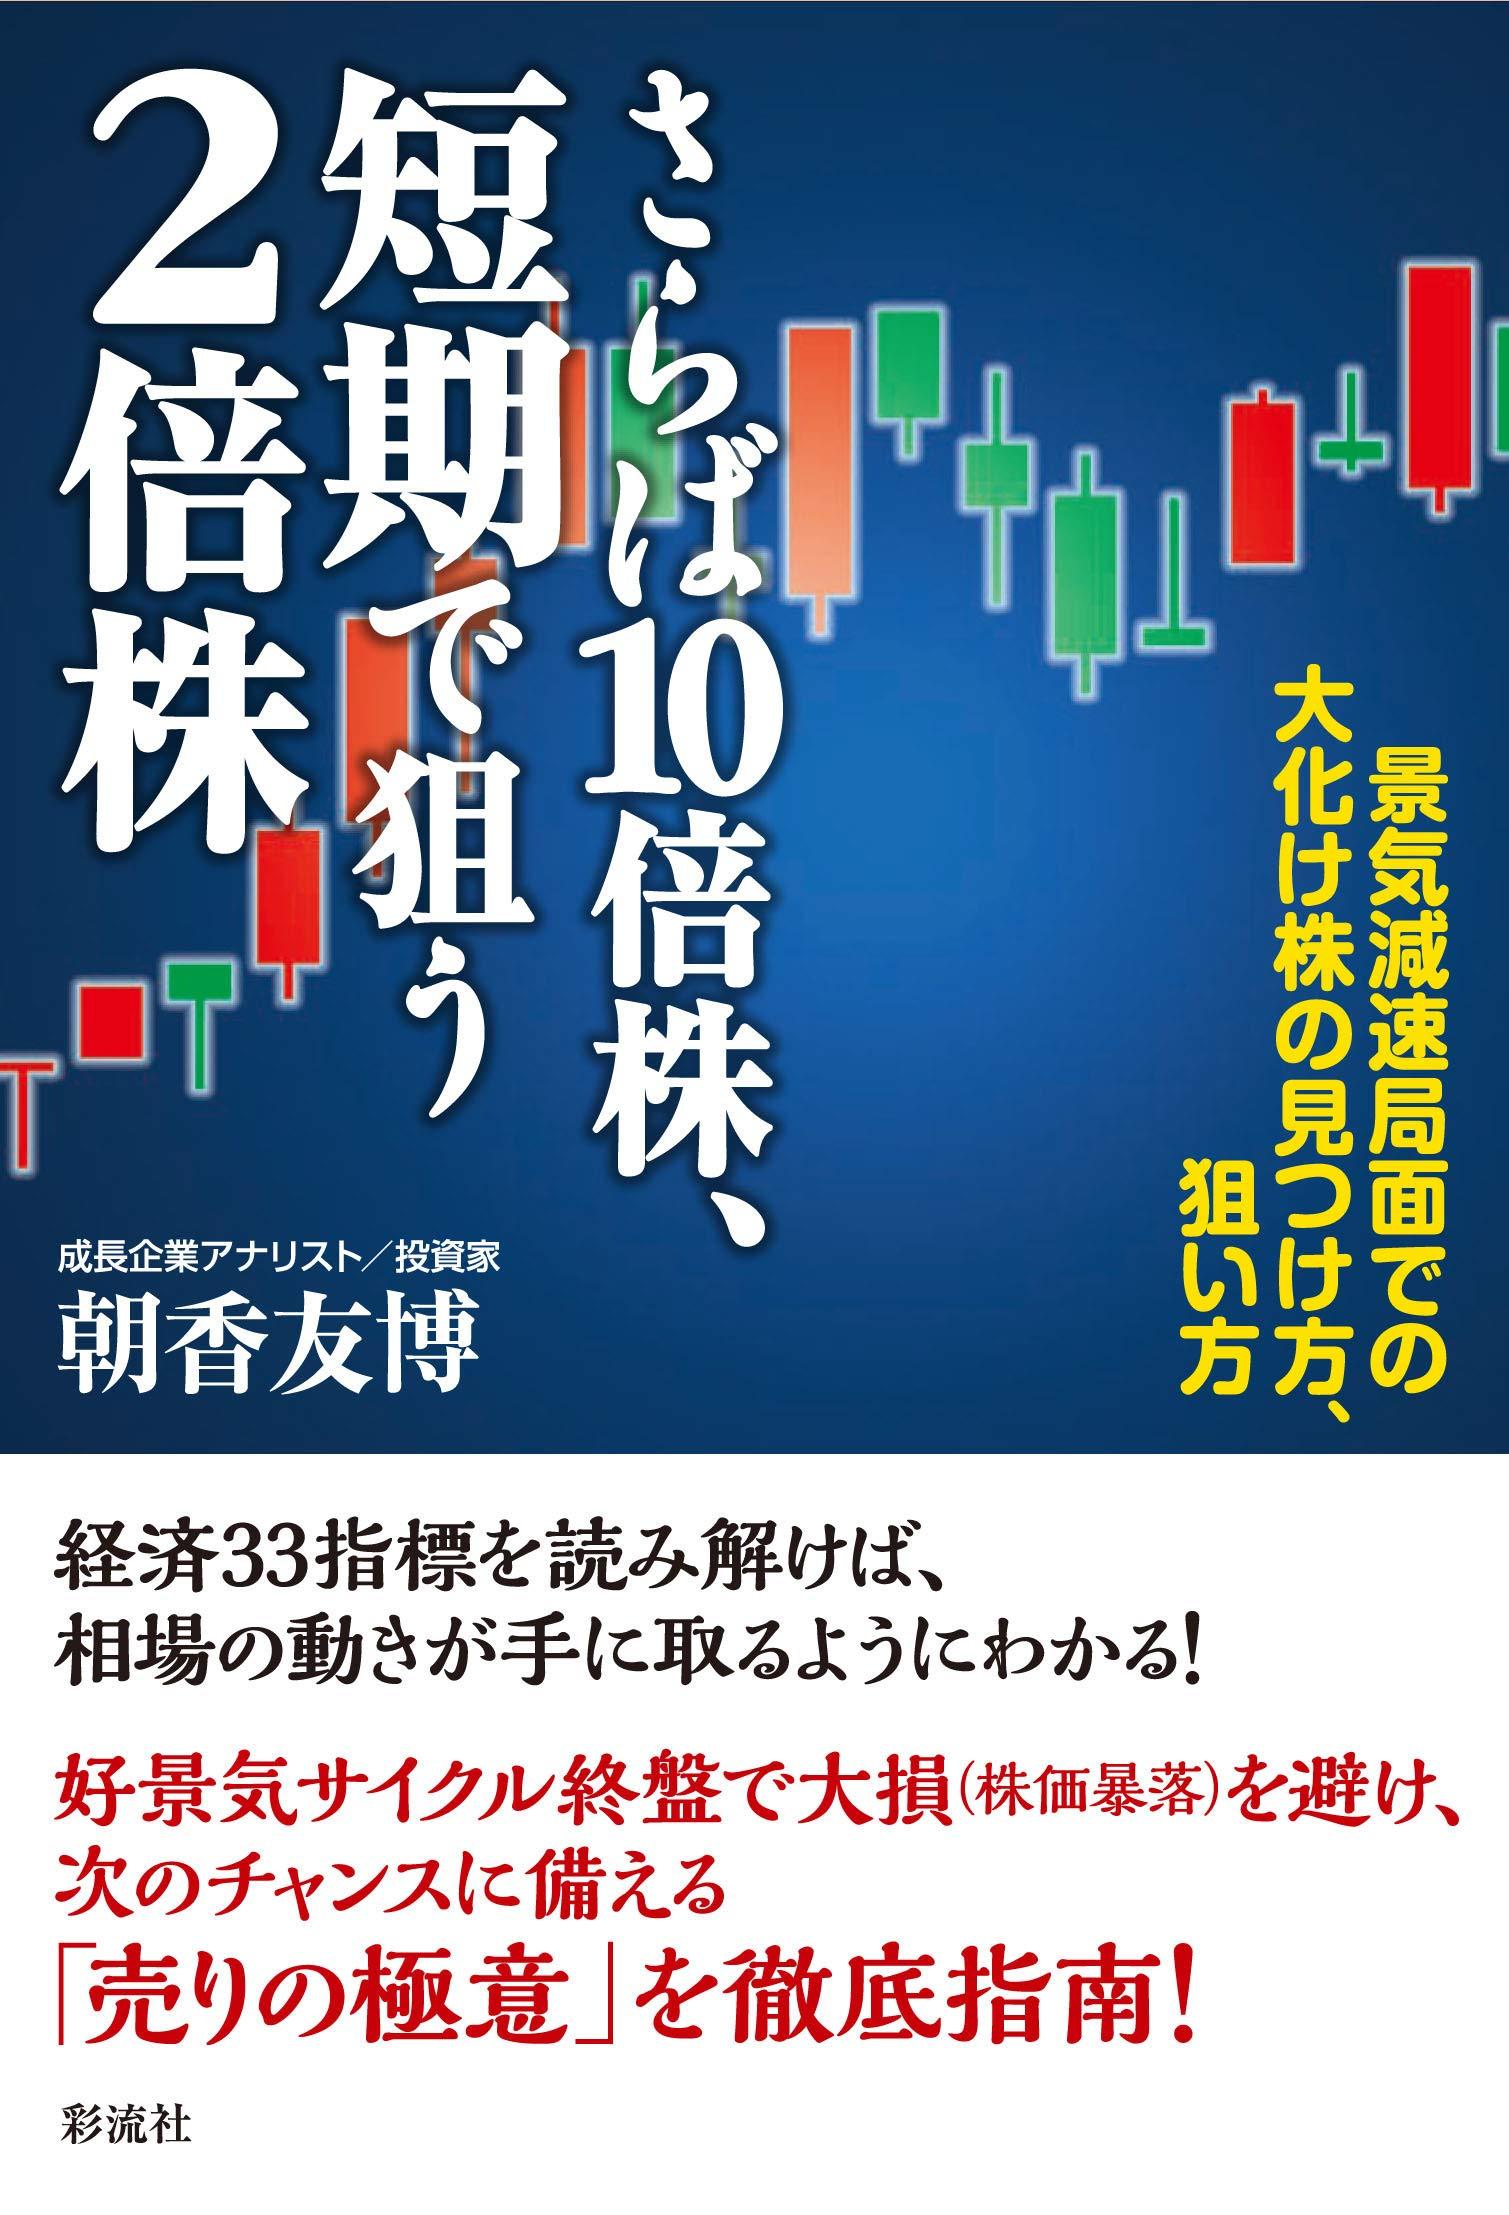 明日 の 狙い 目 株 【明日株】明日の日経平均株価予想 2020年12月7日(月)